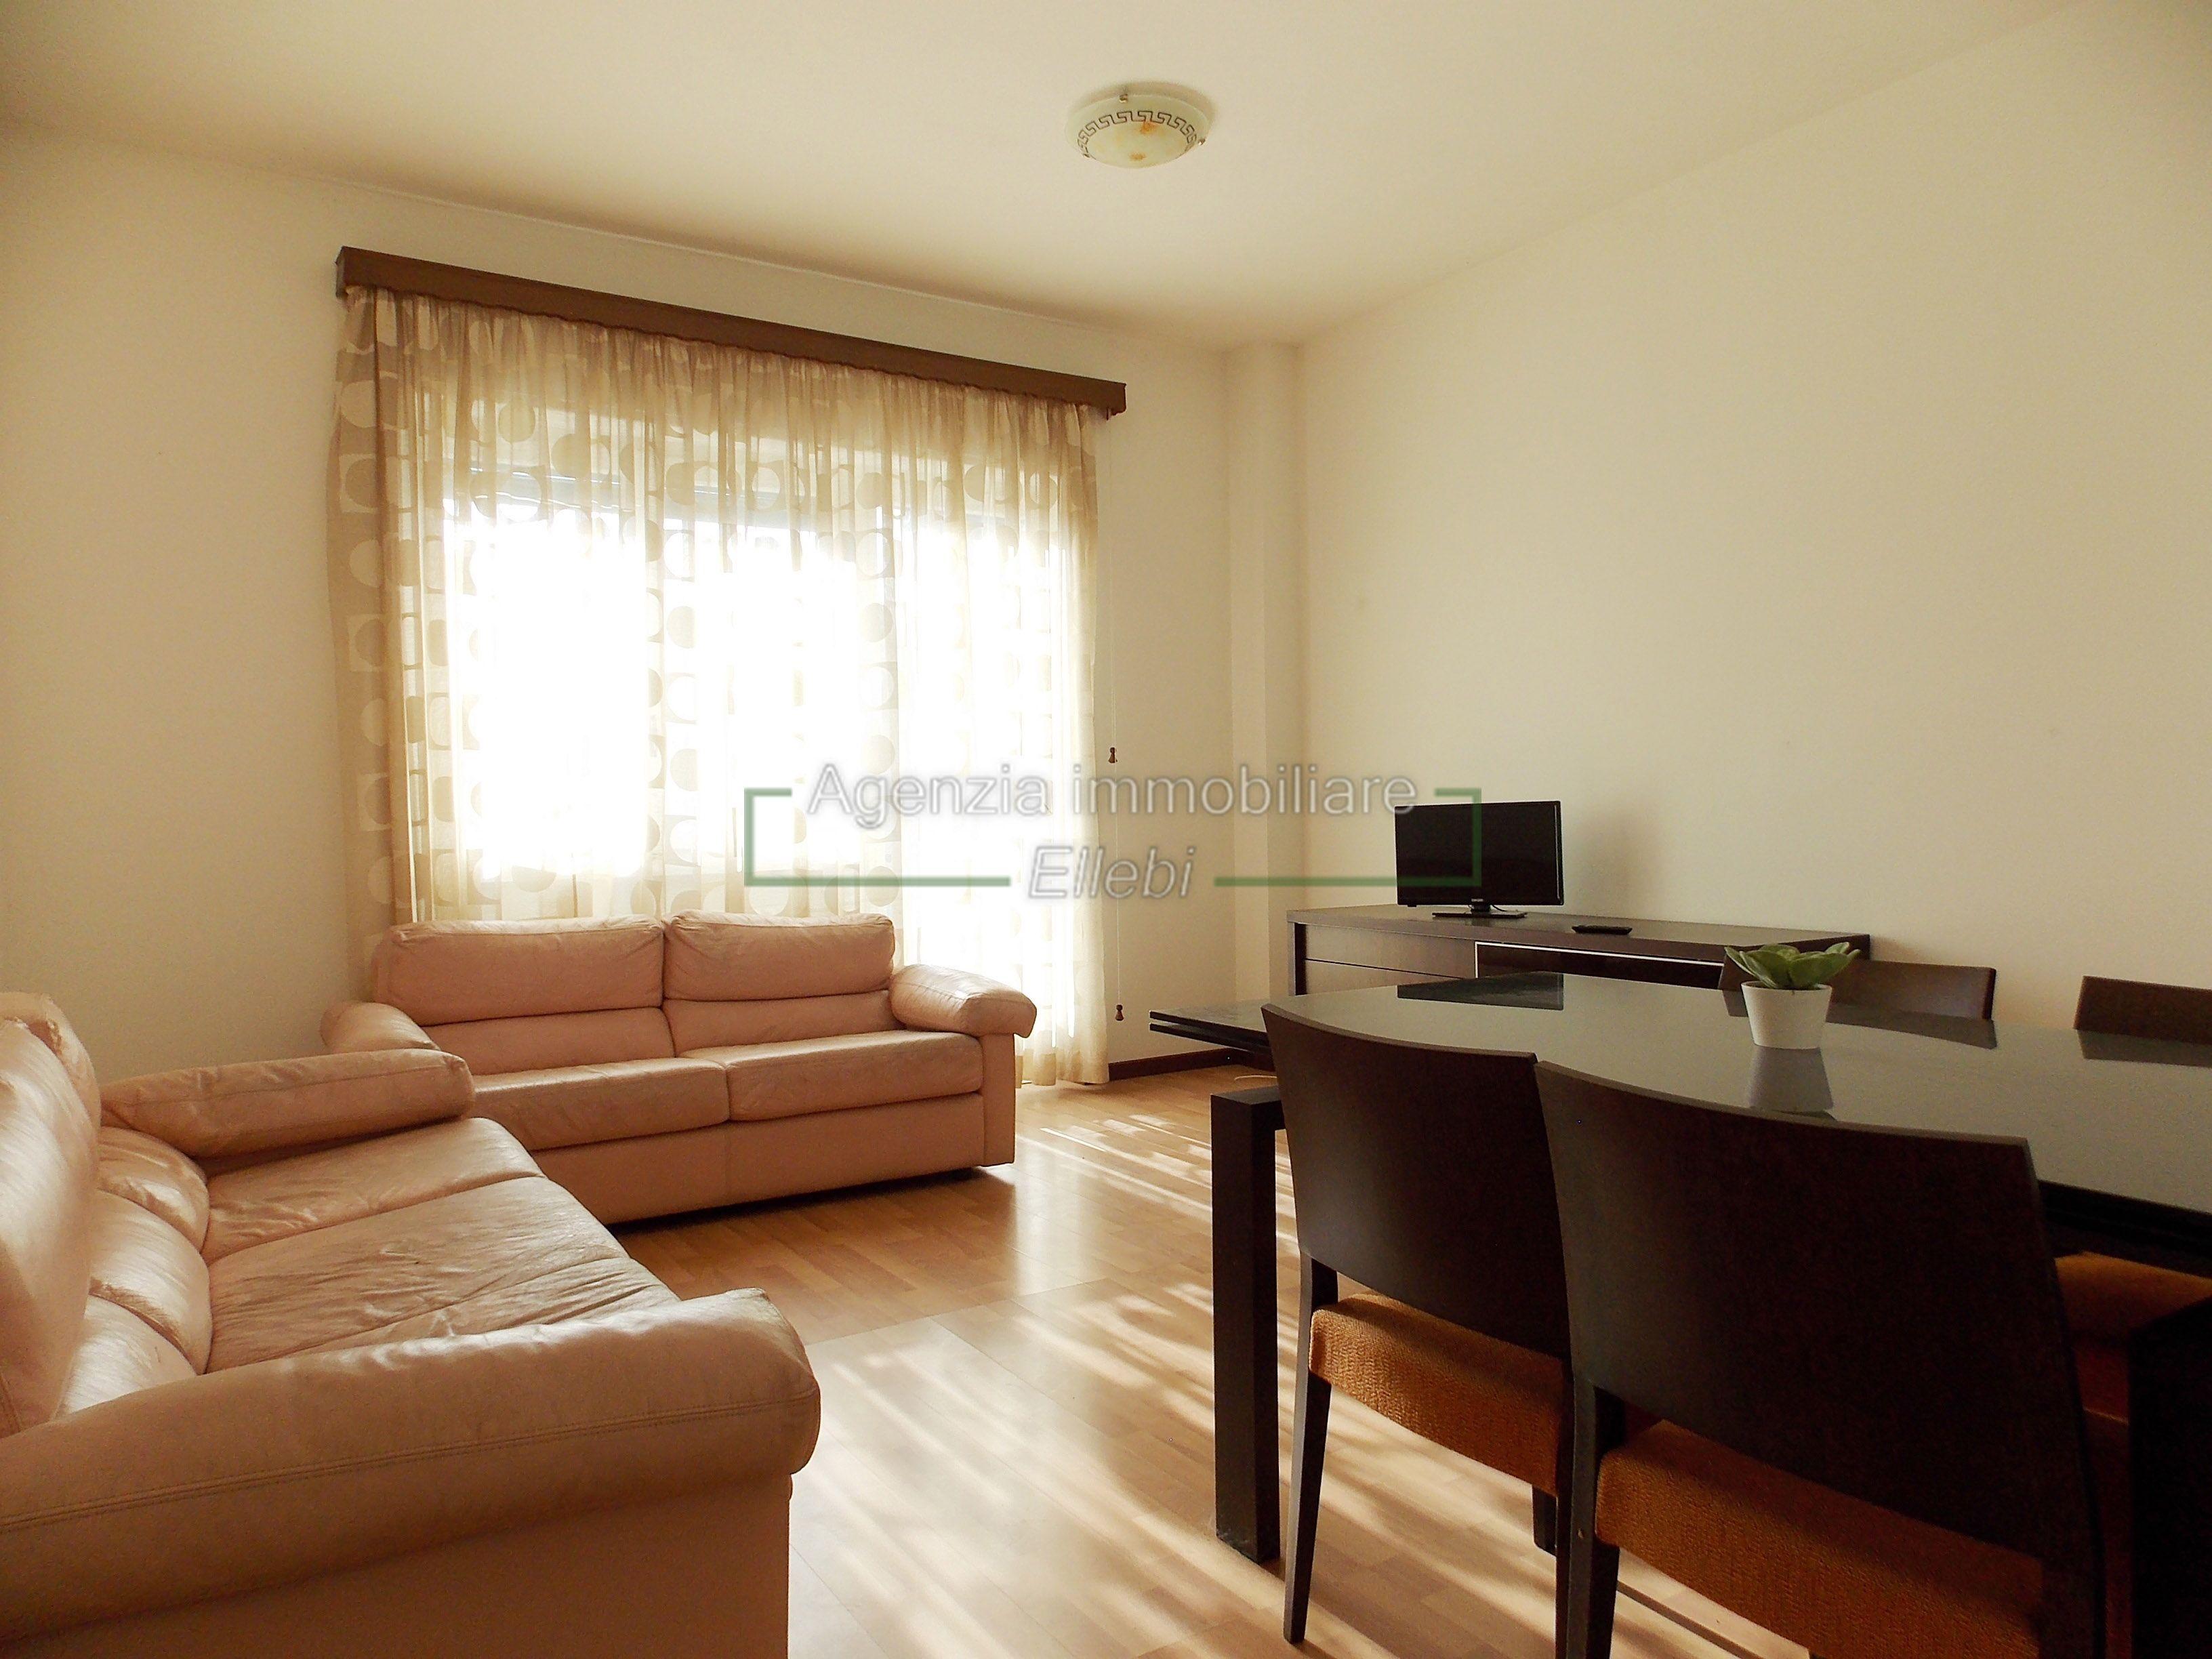 soggiorno appartamento Baveno vendita Agenzia immobiliare Ellebi